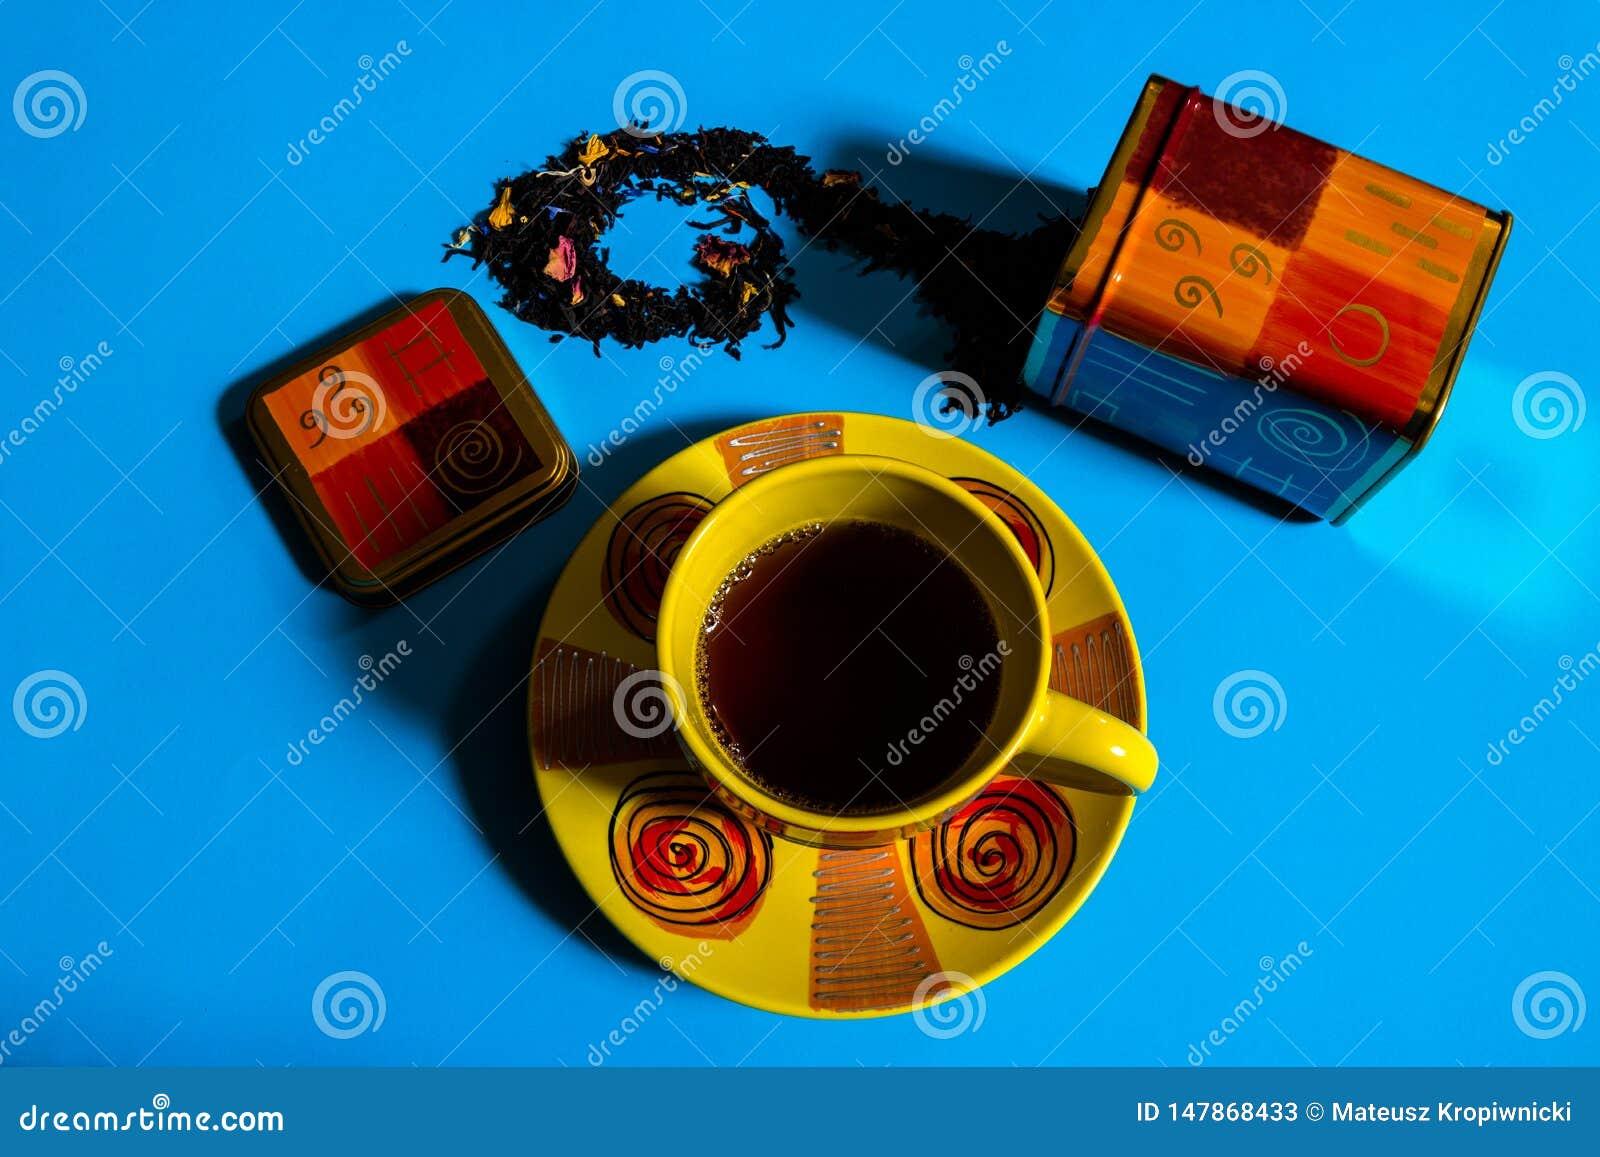 Vue plate de concept de temps de th? avec la tasse de th? color?e, conteneur de th?, th? noir l?che sur le fond bleu